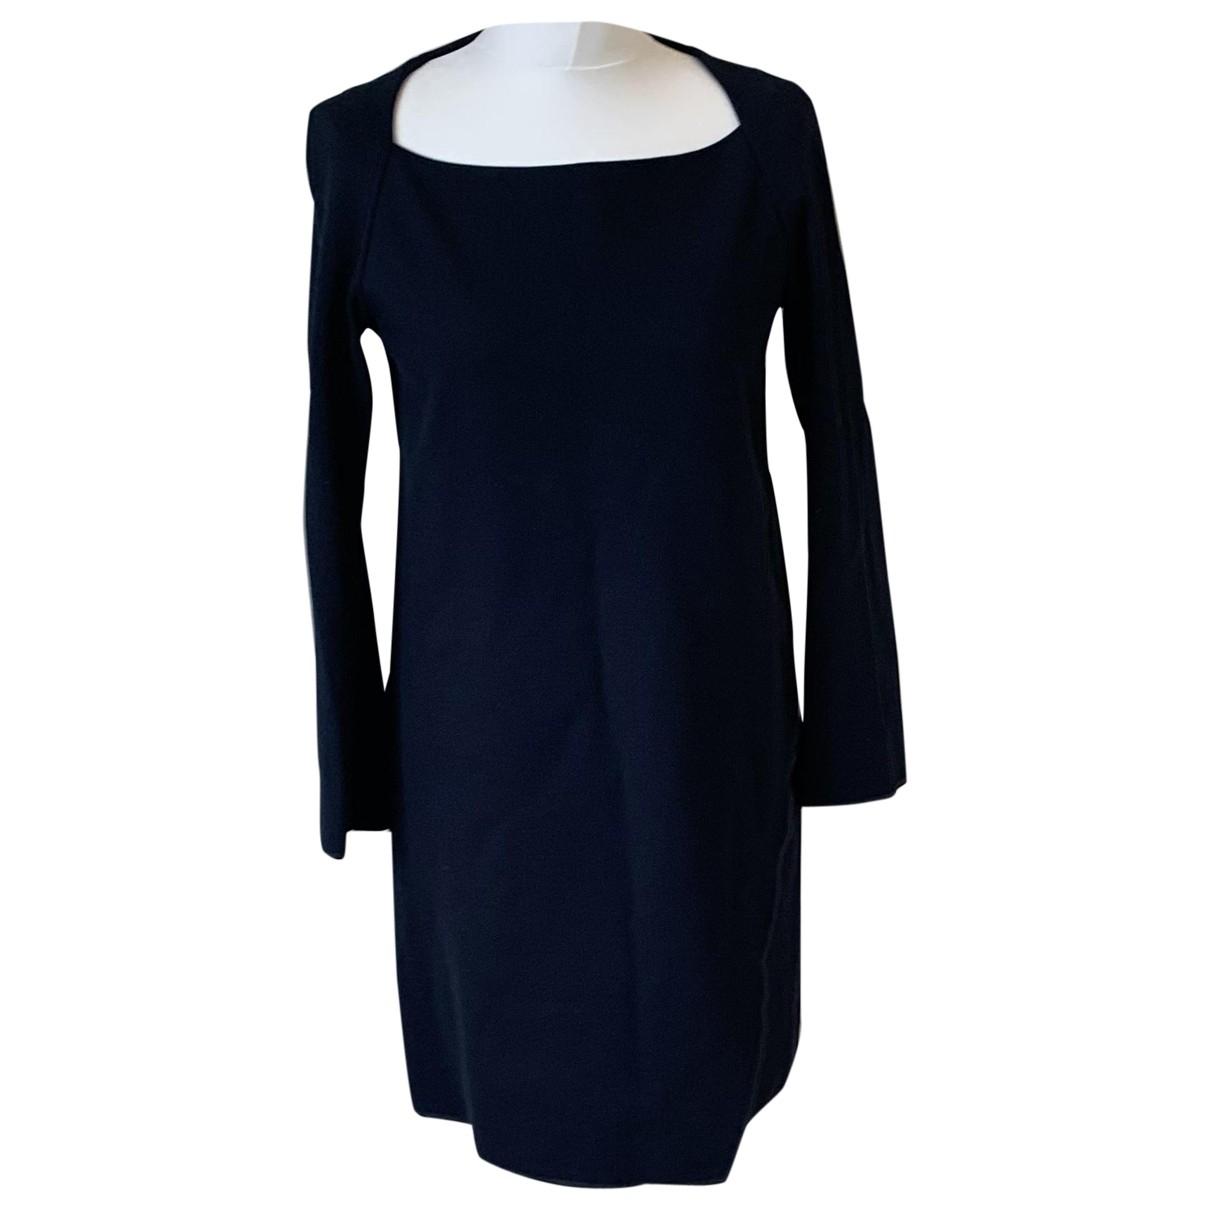 Cos \N Kleid in  Marine Baumwolle - Elasthan